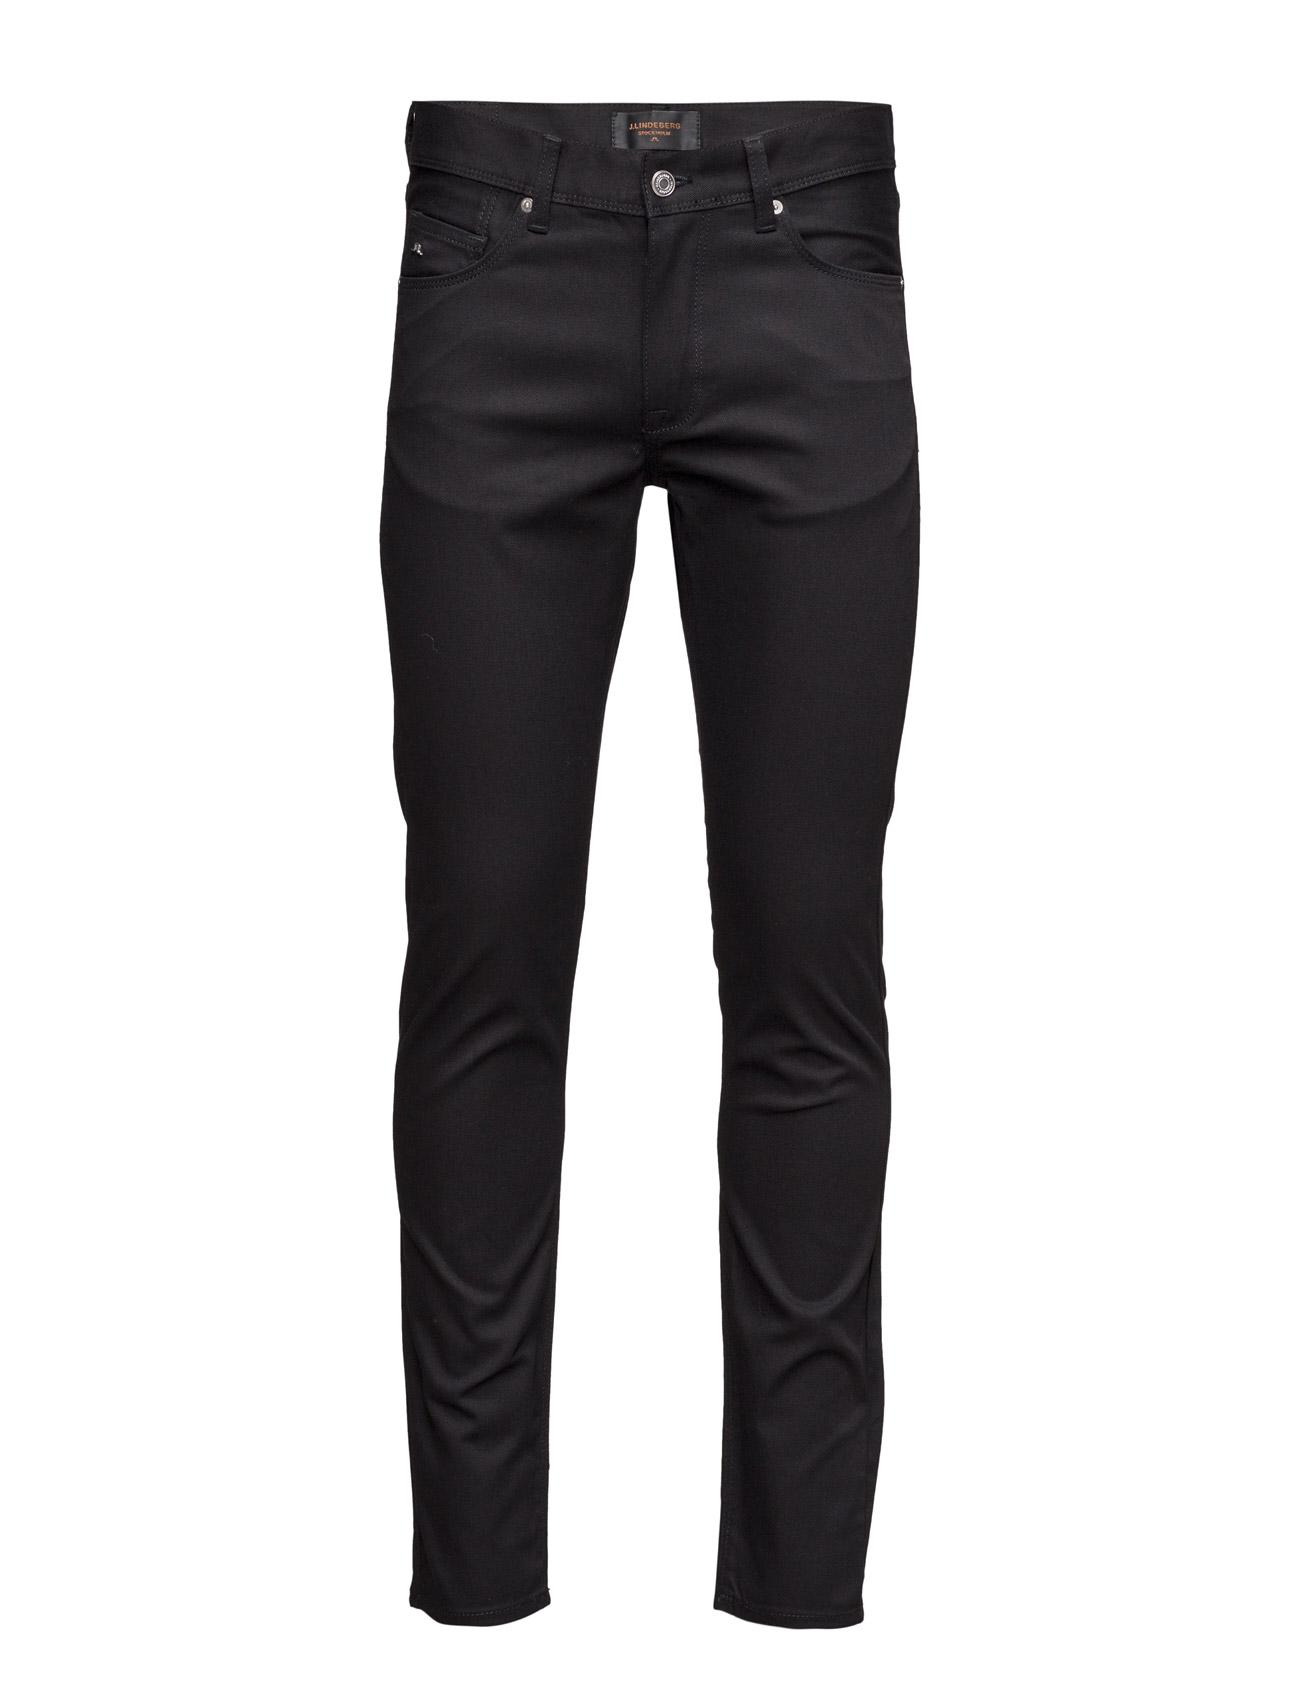 J. Lindeberg Damien svart Stretch Denim Jeans